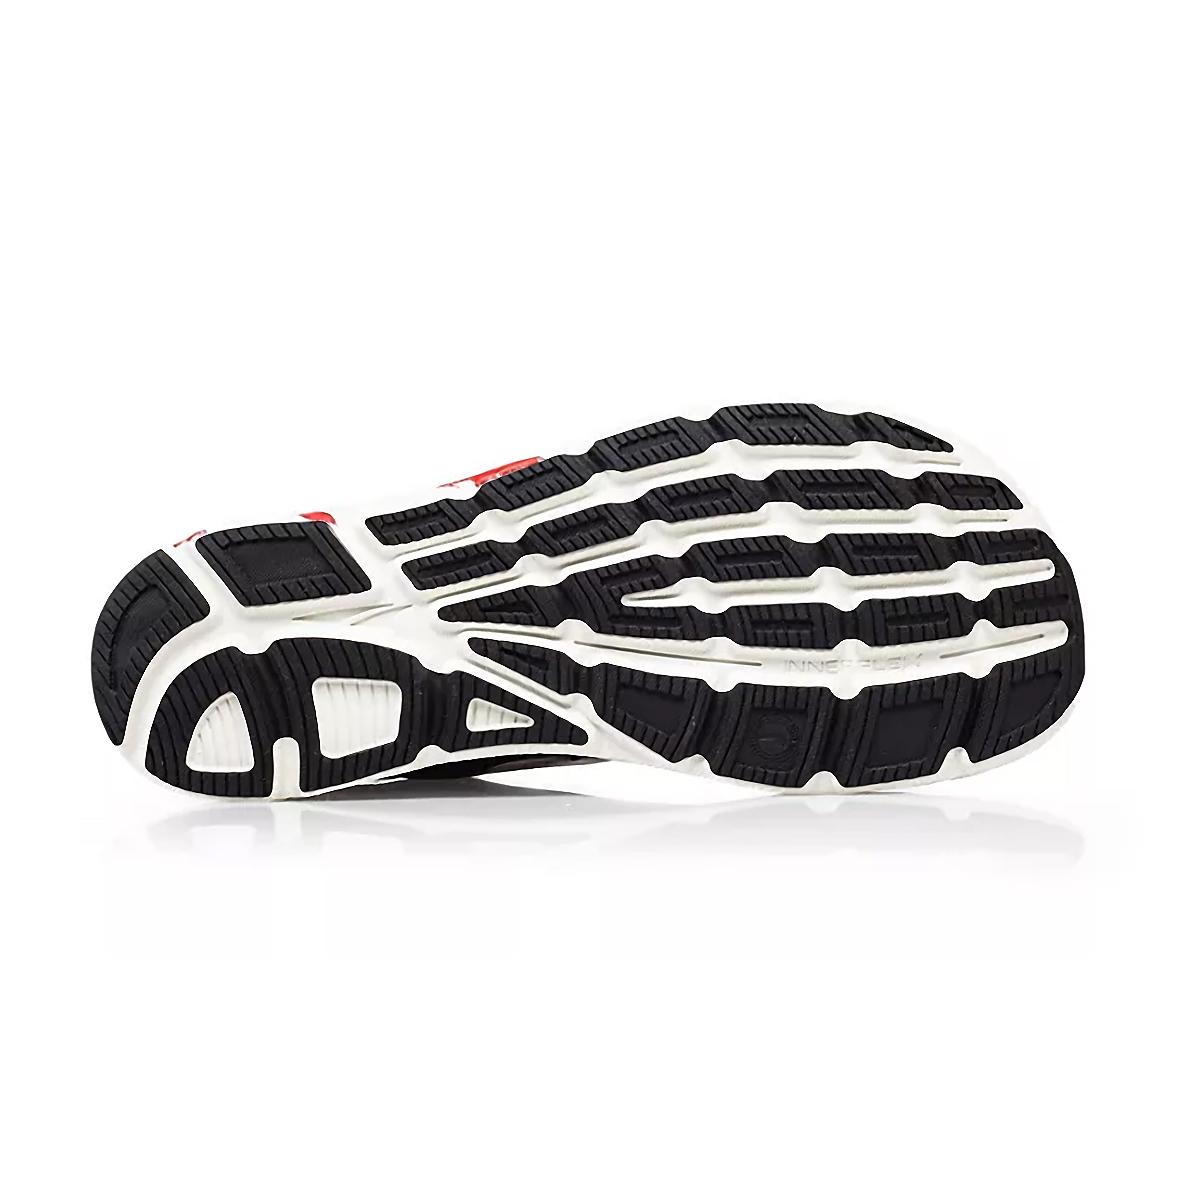 Men's Altra Torin 4 Running Shoe - Color: Black/Red - Size: 7 - Width: Regular, Black/Red, large, image 3